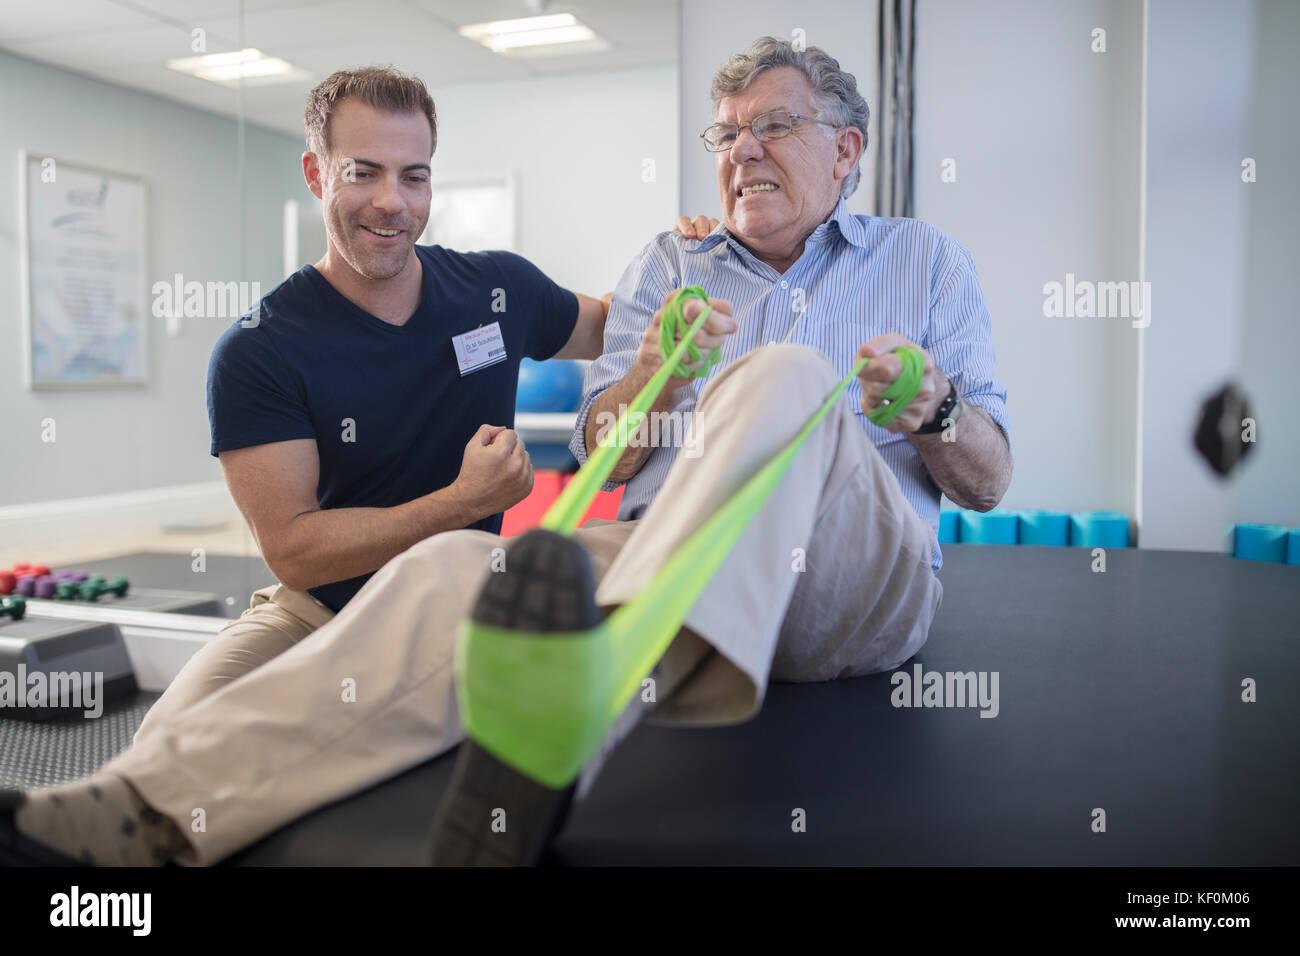 Senior uomo esercitando con resistenza a fascia physio in pratica Immagini Stock